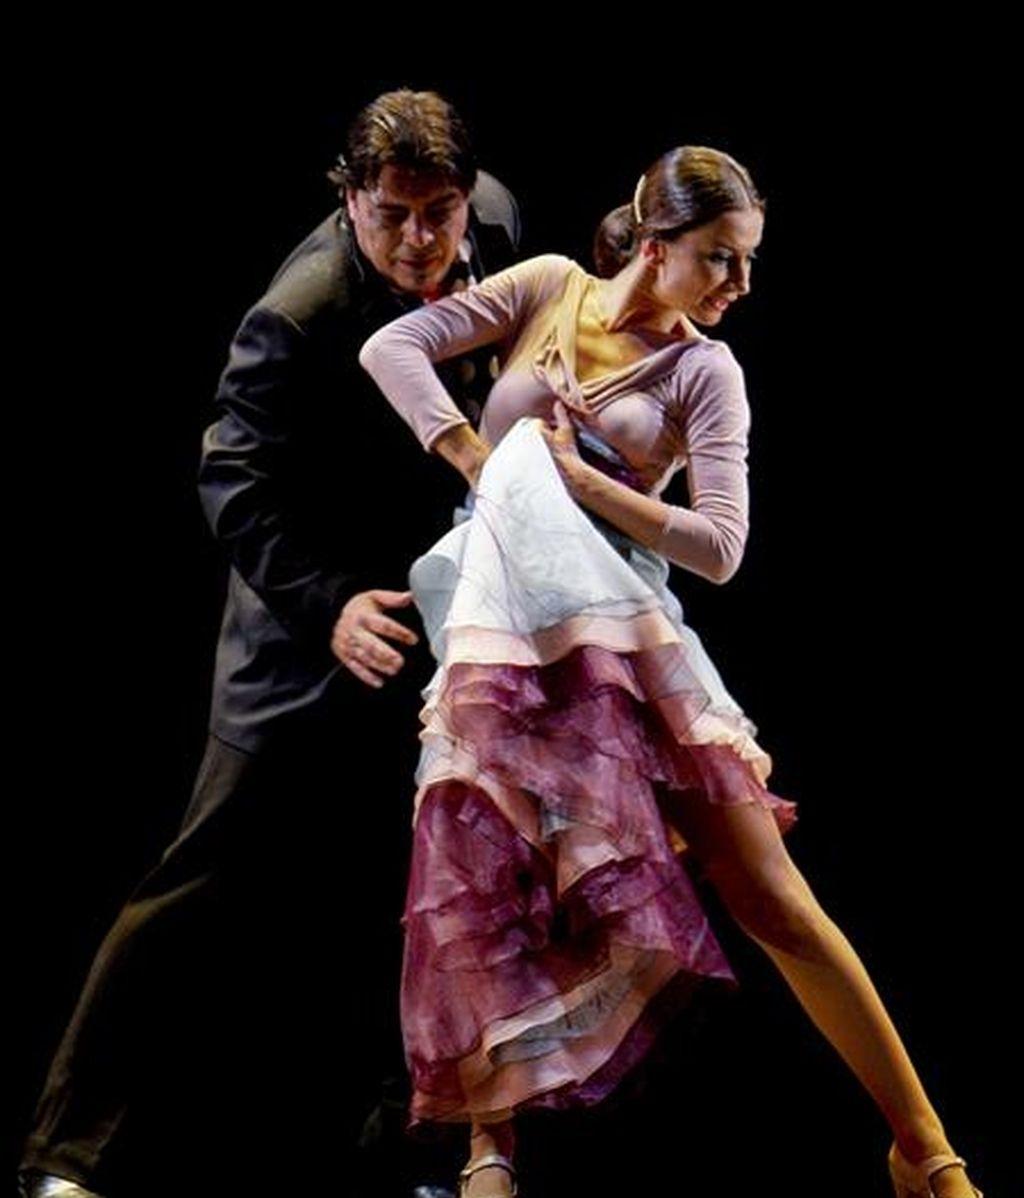 Los bailaores Cecilia Gómez y Antonio Canales durante una actuación. EFE/Archivo